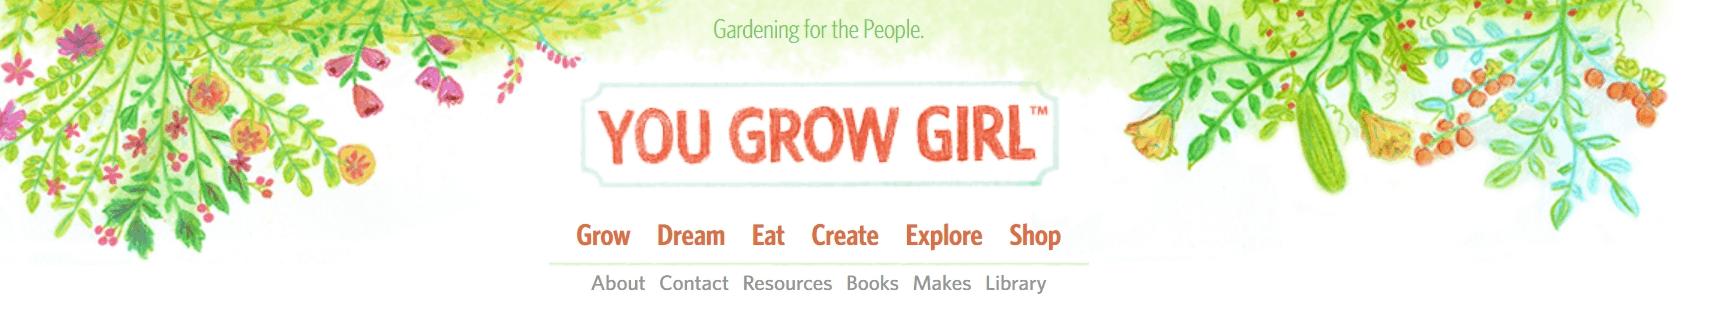 You Grow Girl blog banner